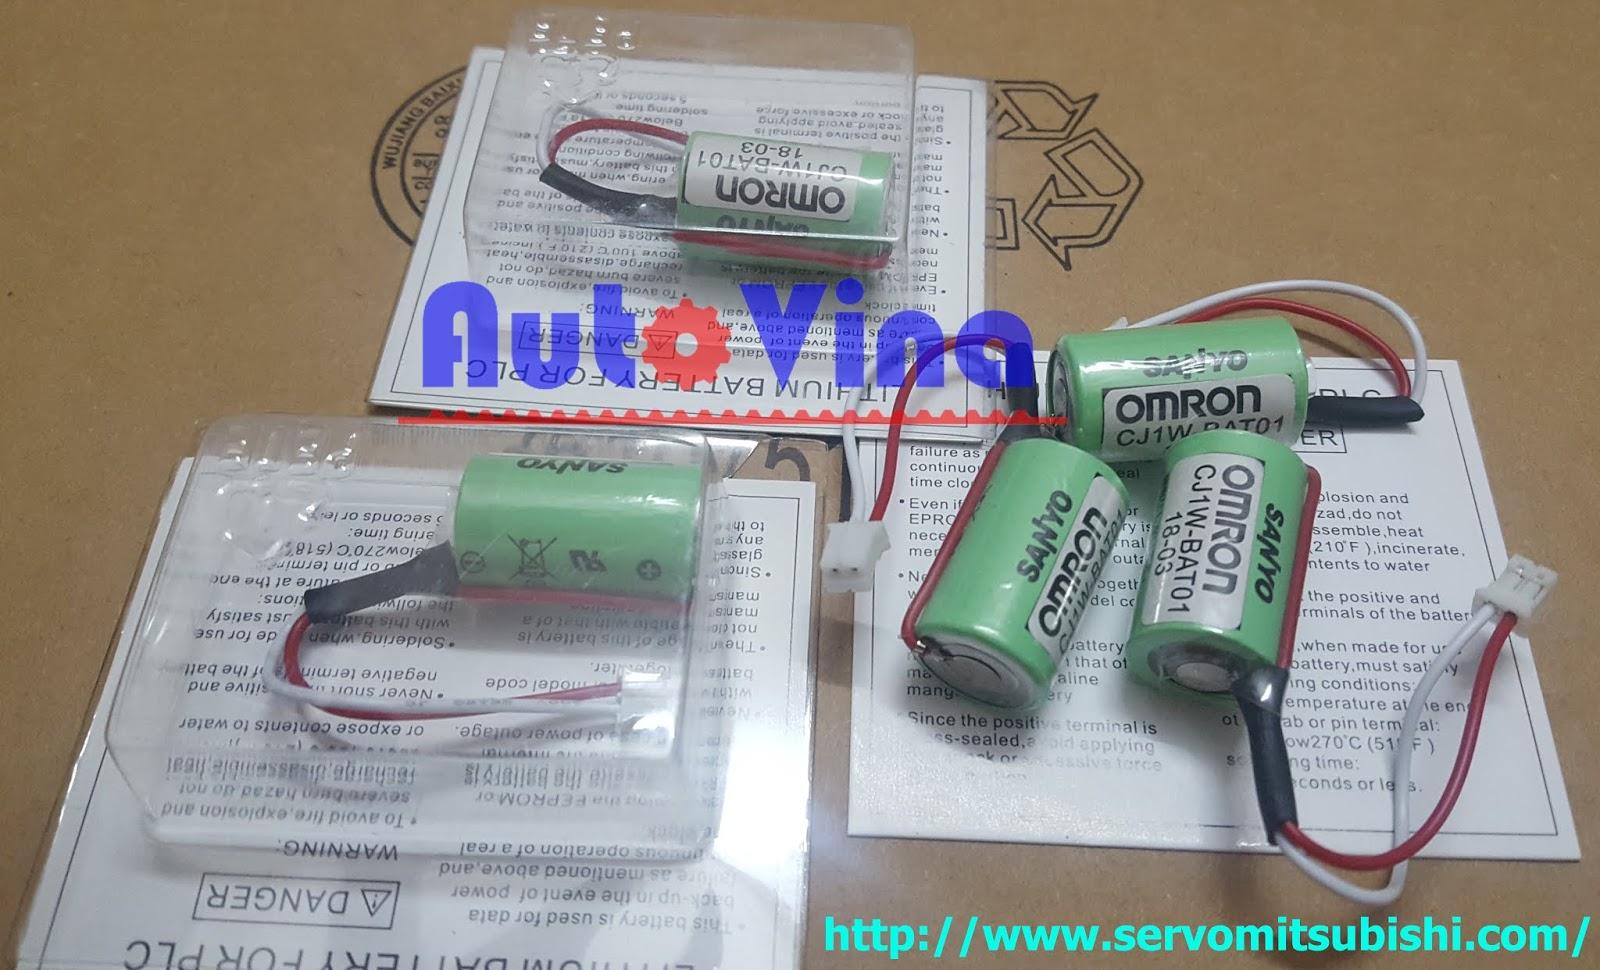 Đại lý bán các loại Pin, Battery CJ1W-BAT01 cho PLC Omron CJ1M CJ2M CPU tại Việt Nam